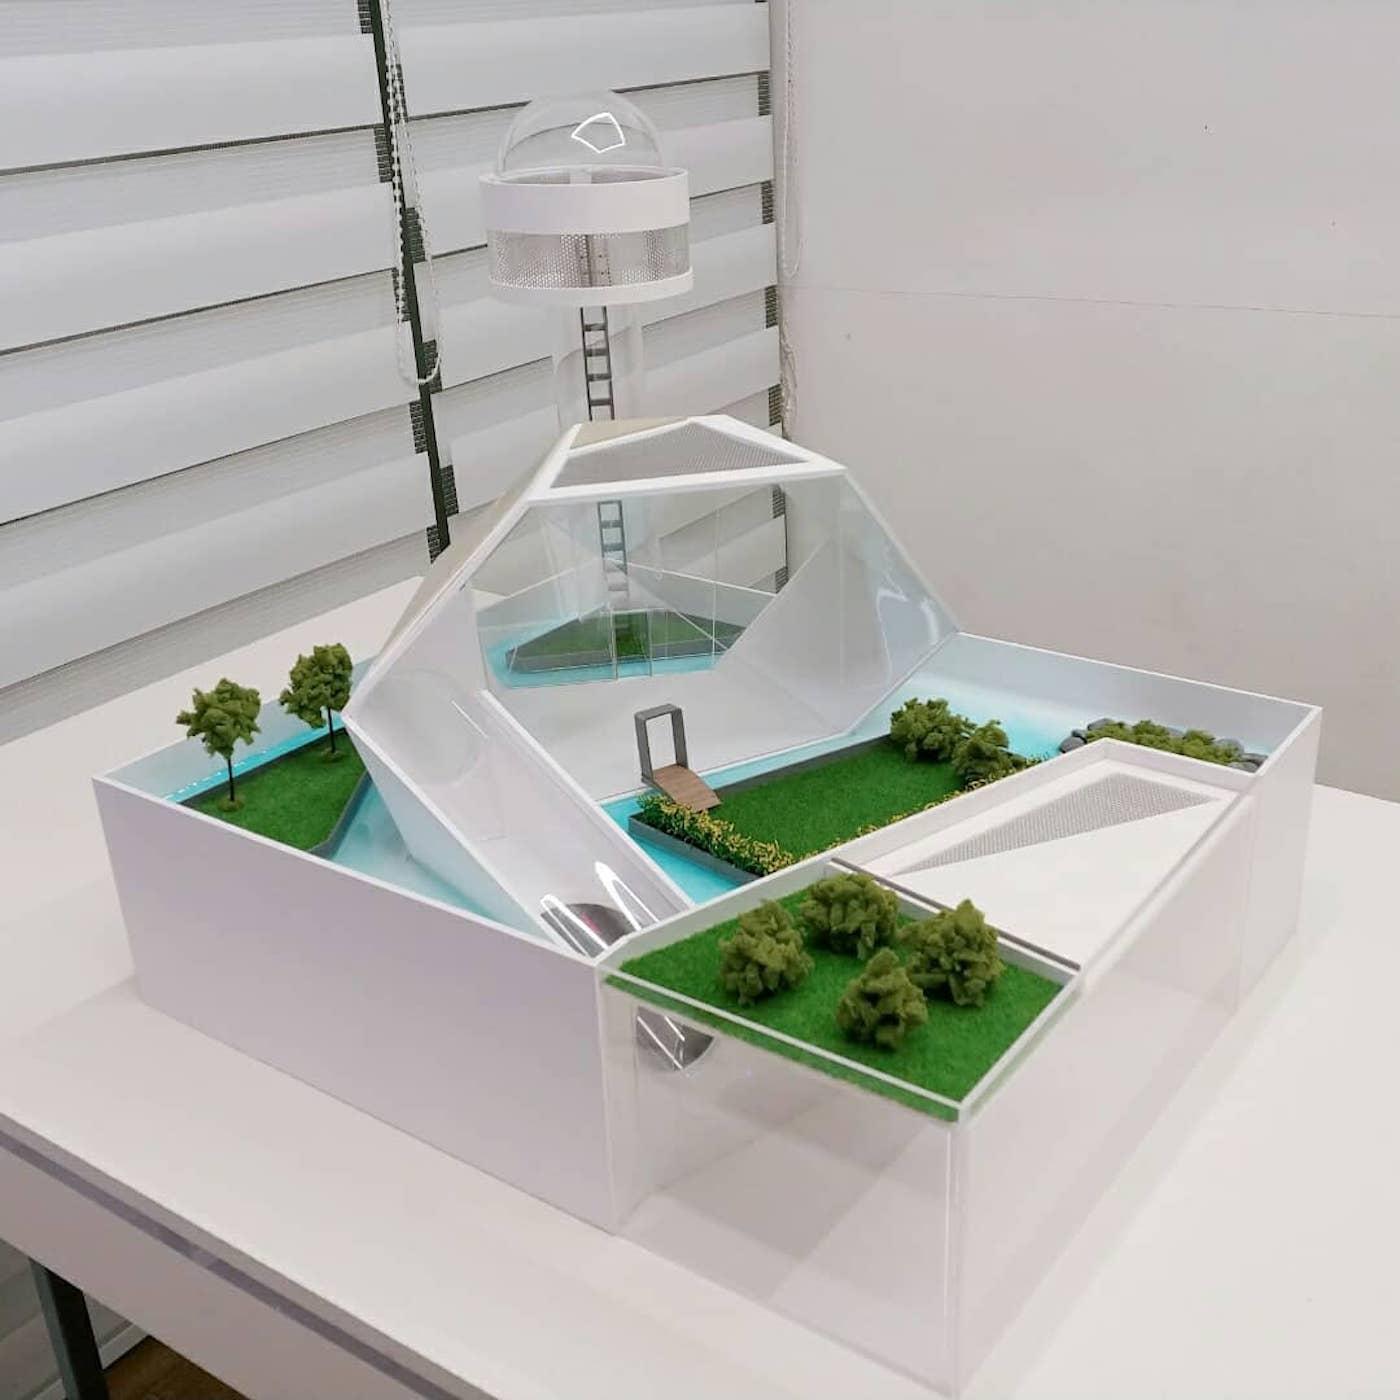 villas-hamsters-luxe-zit-studio-8